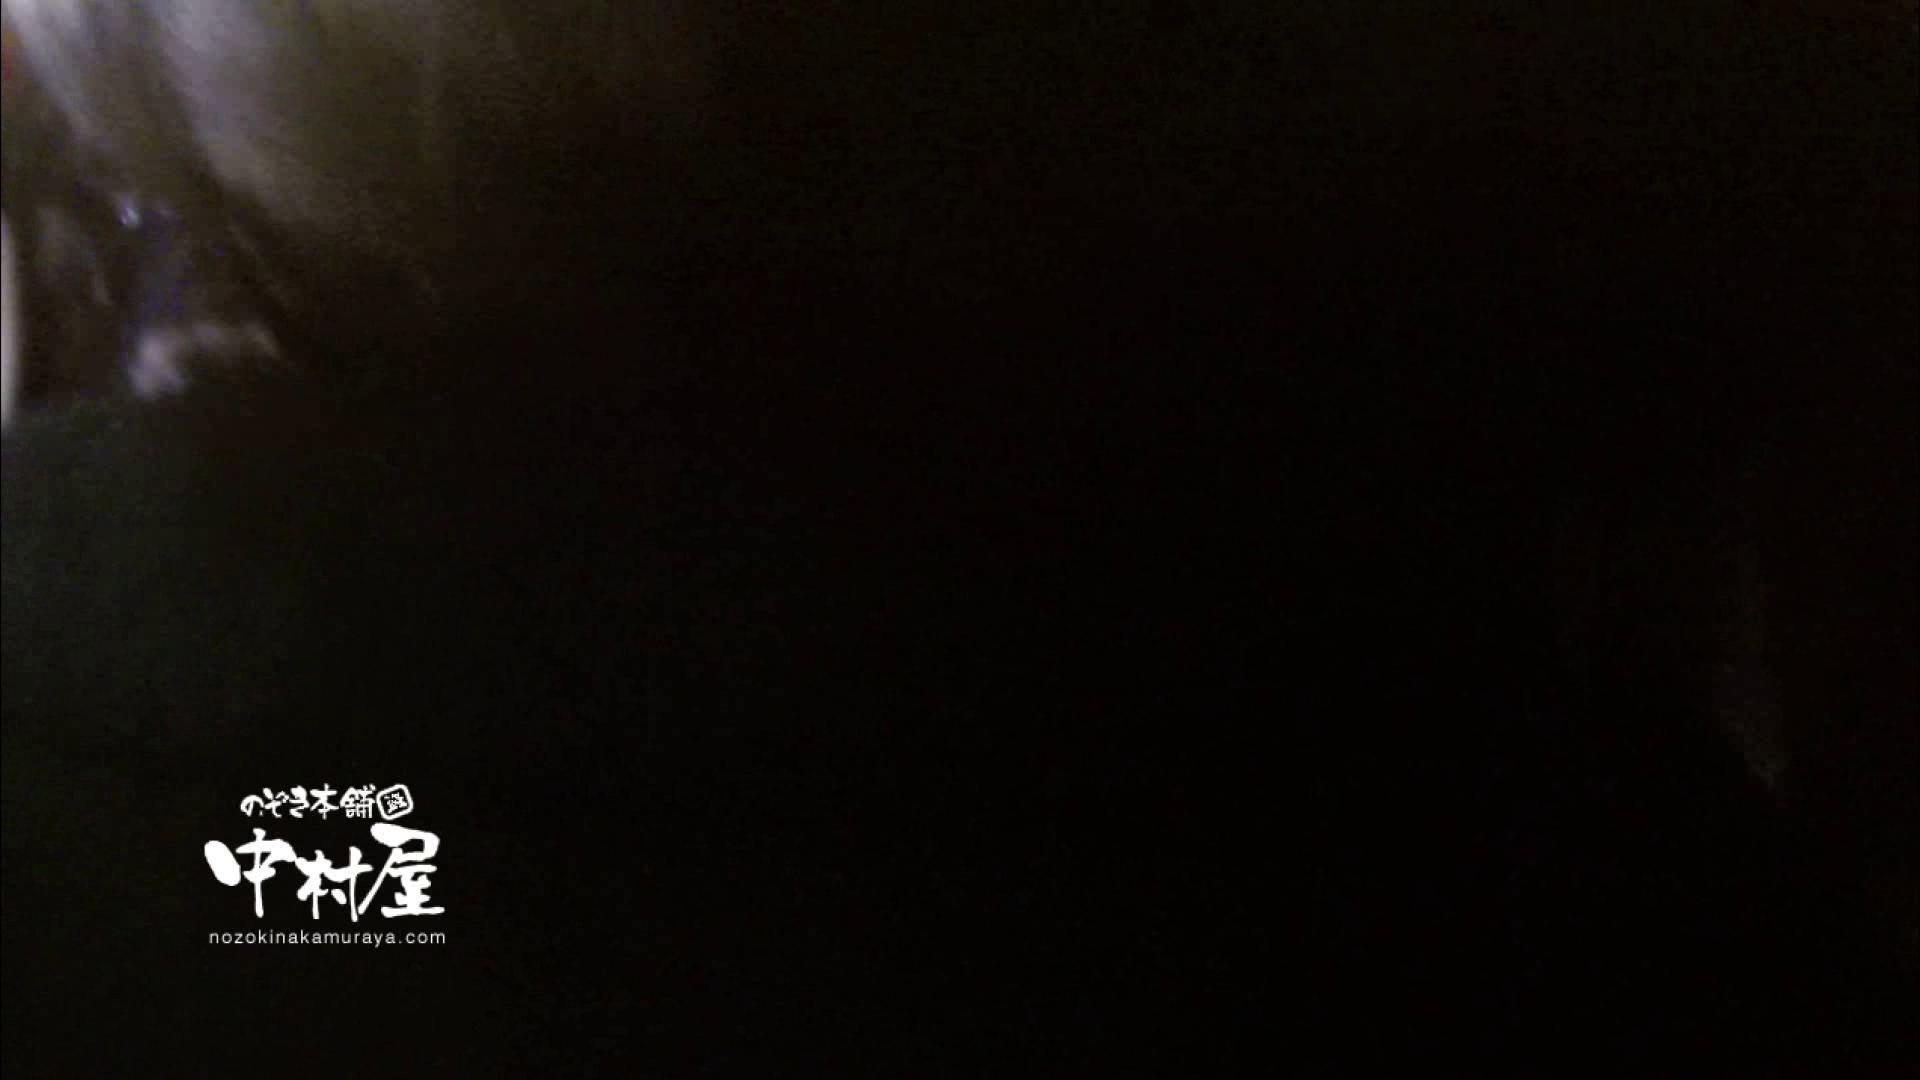 鬼畜 vol.11 下の口は正直なオンナ 後編 OLすけべ画像  46連発 38